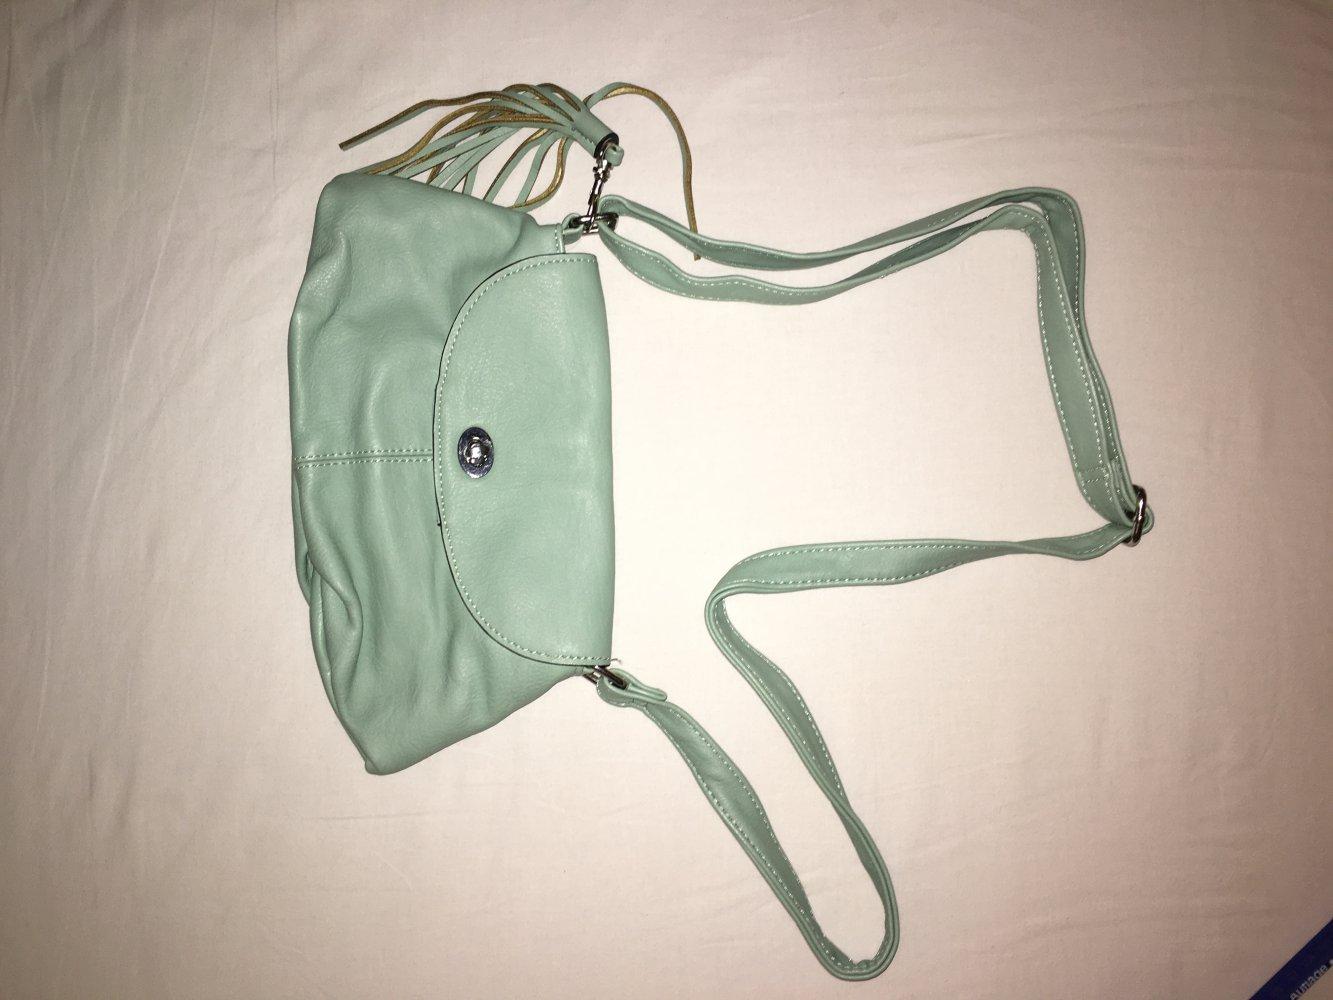 93a09d23bd737 Mintgrüne Mini Handtasche    Kleiderkorb.de